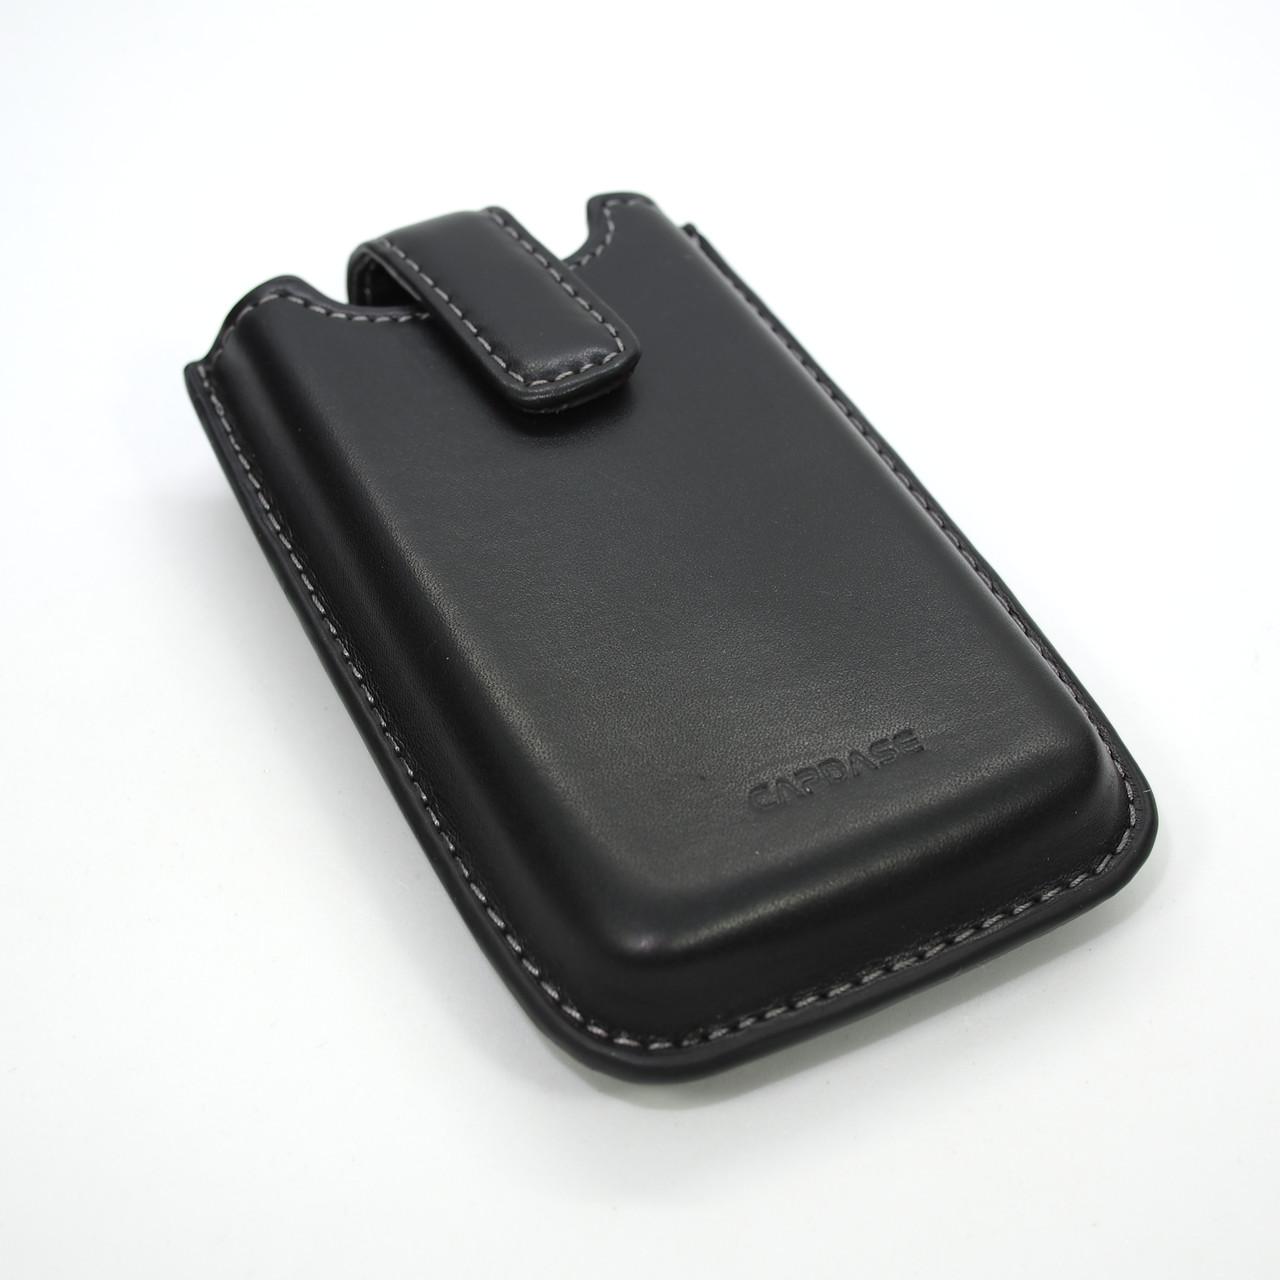 Чехол-карман Capdase Pocket универсальный /100*51*17mm/